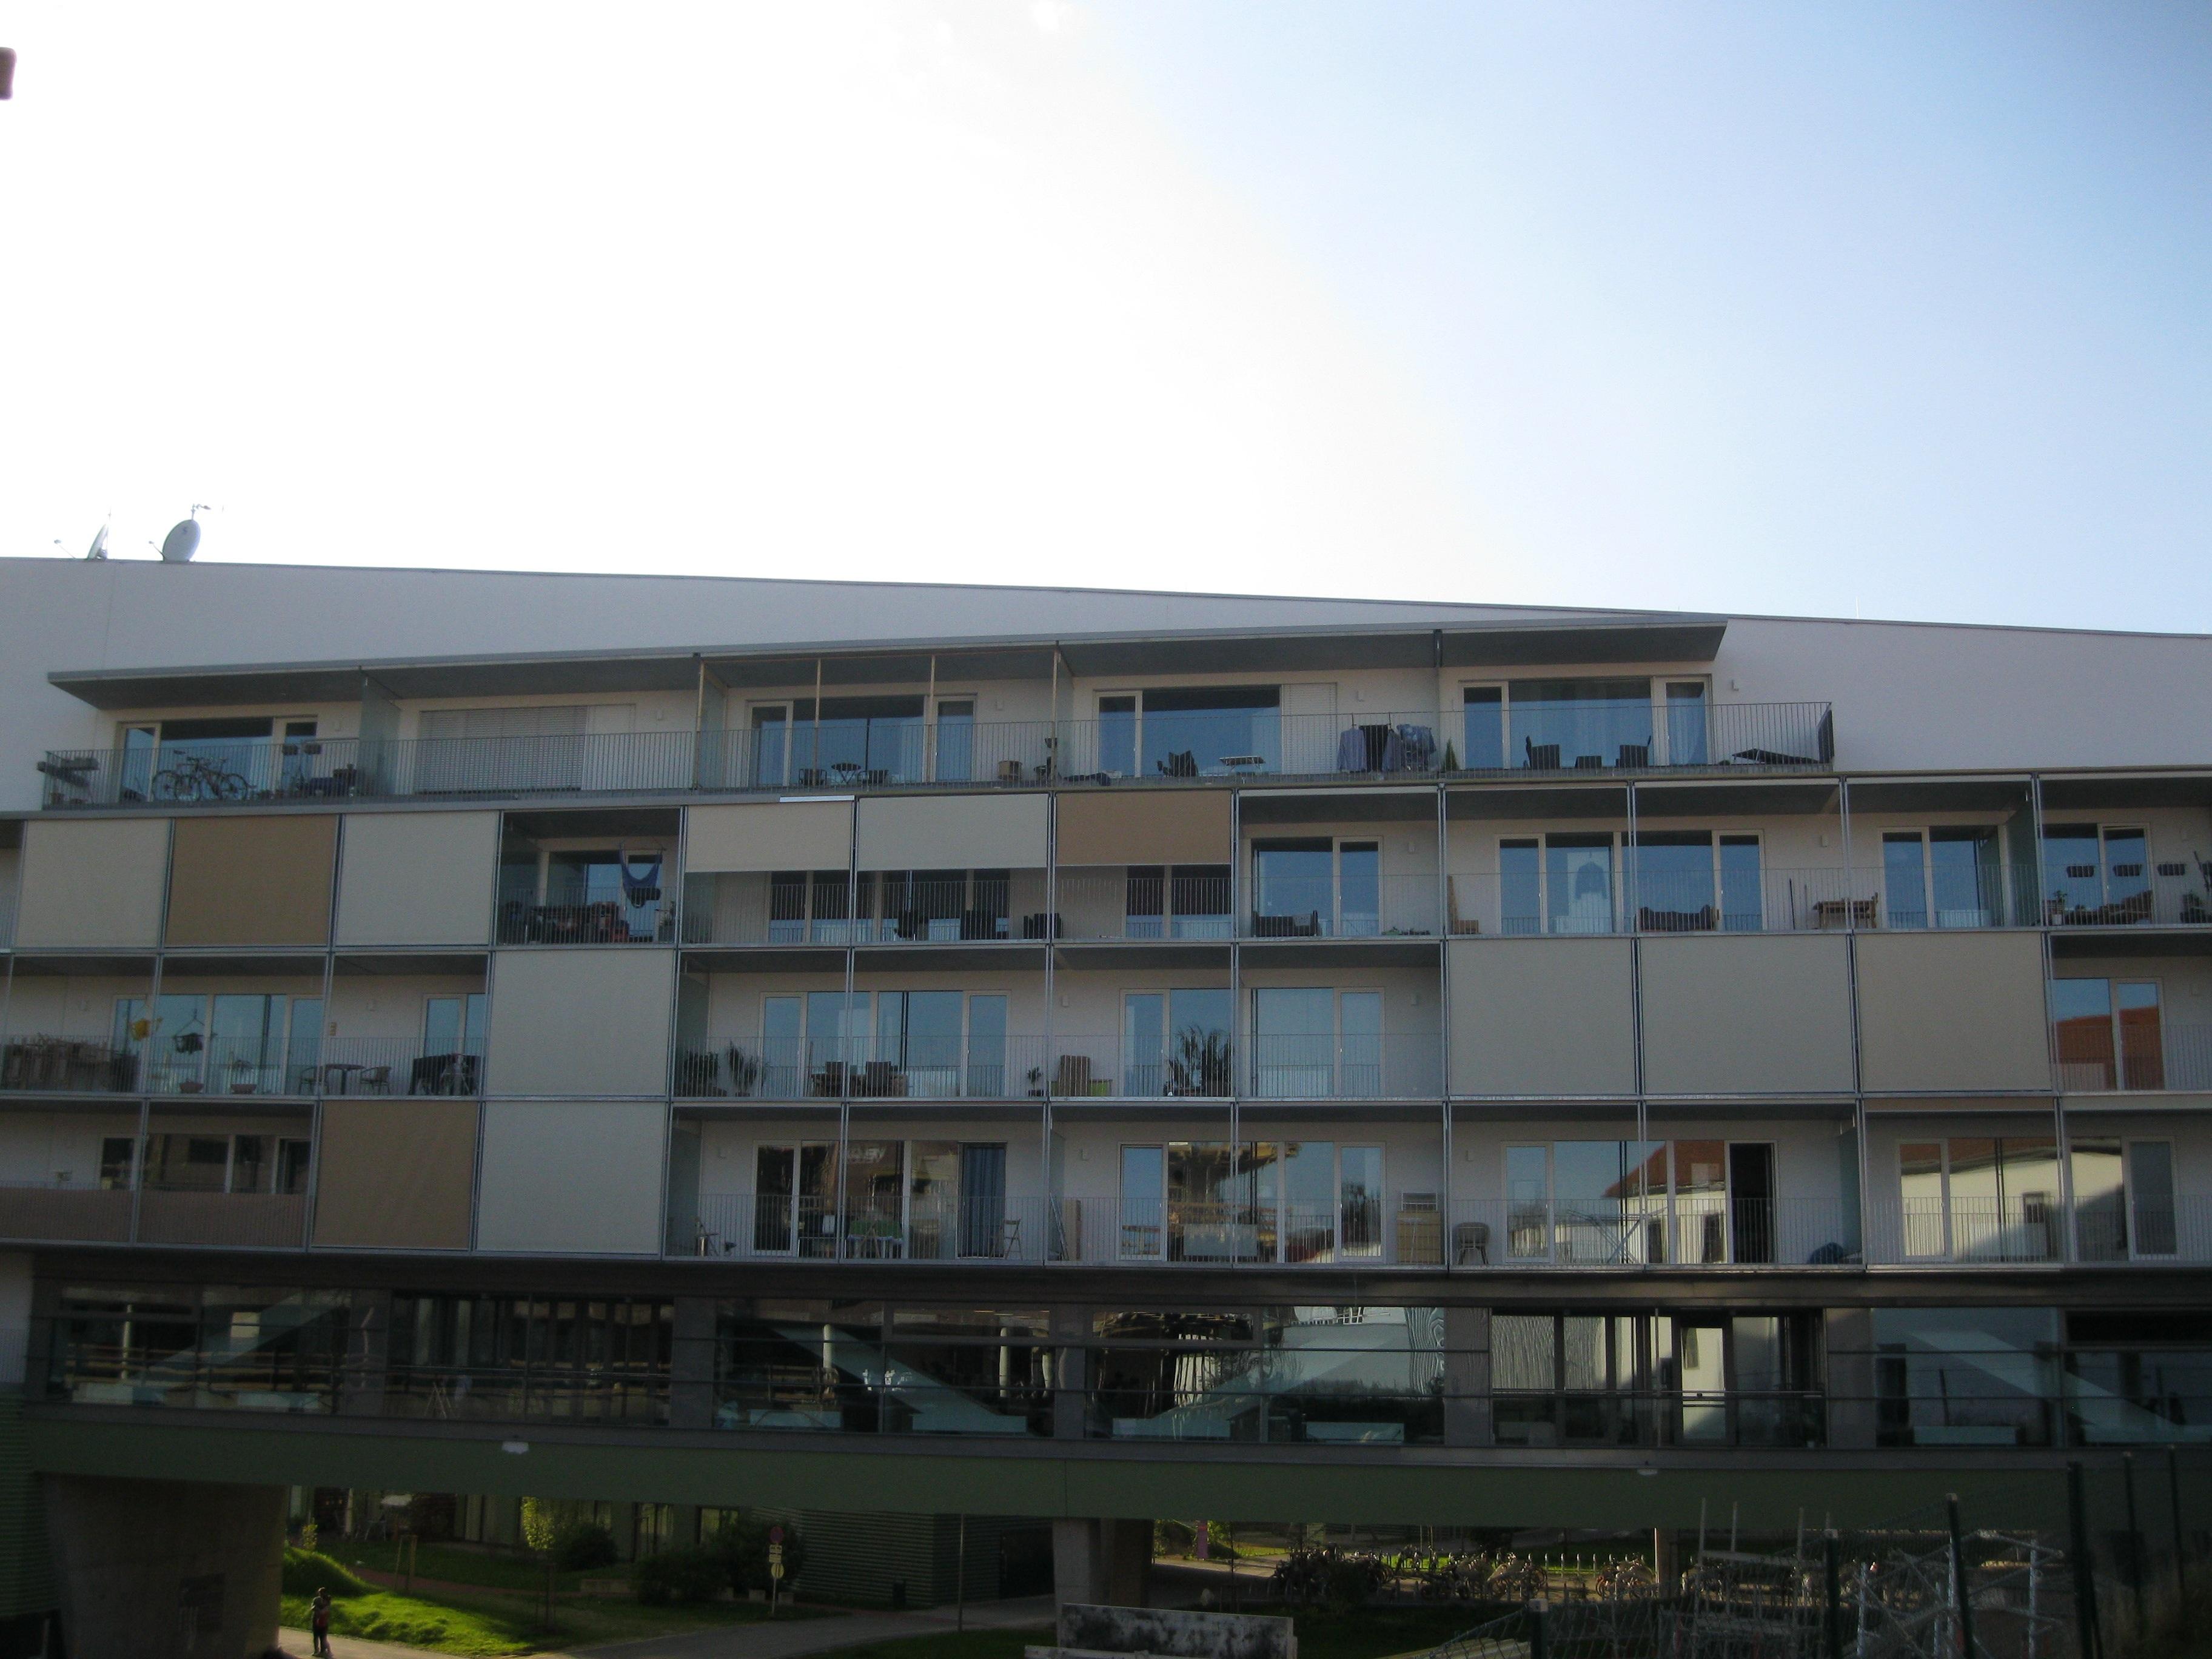 Jugend am Werk   Wohngemeinschaft Klosterwiesgasse Vollzeitbetreutes Wohnen, Klosterwiesgasse 105b, 8010, Austria